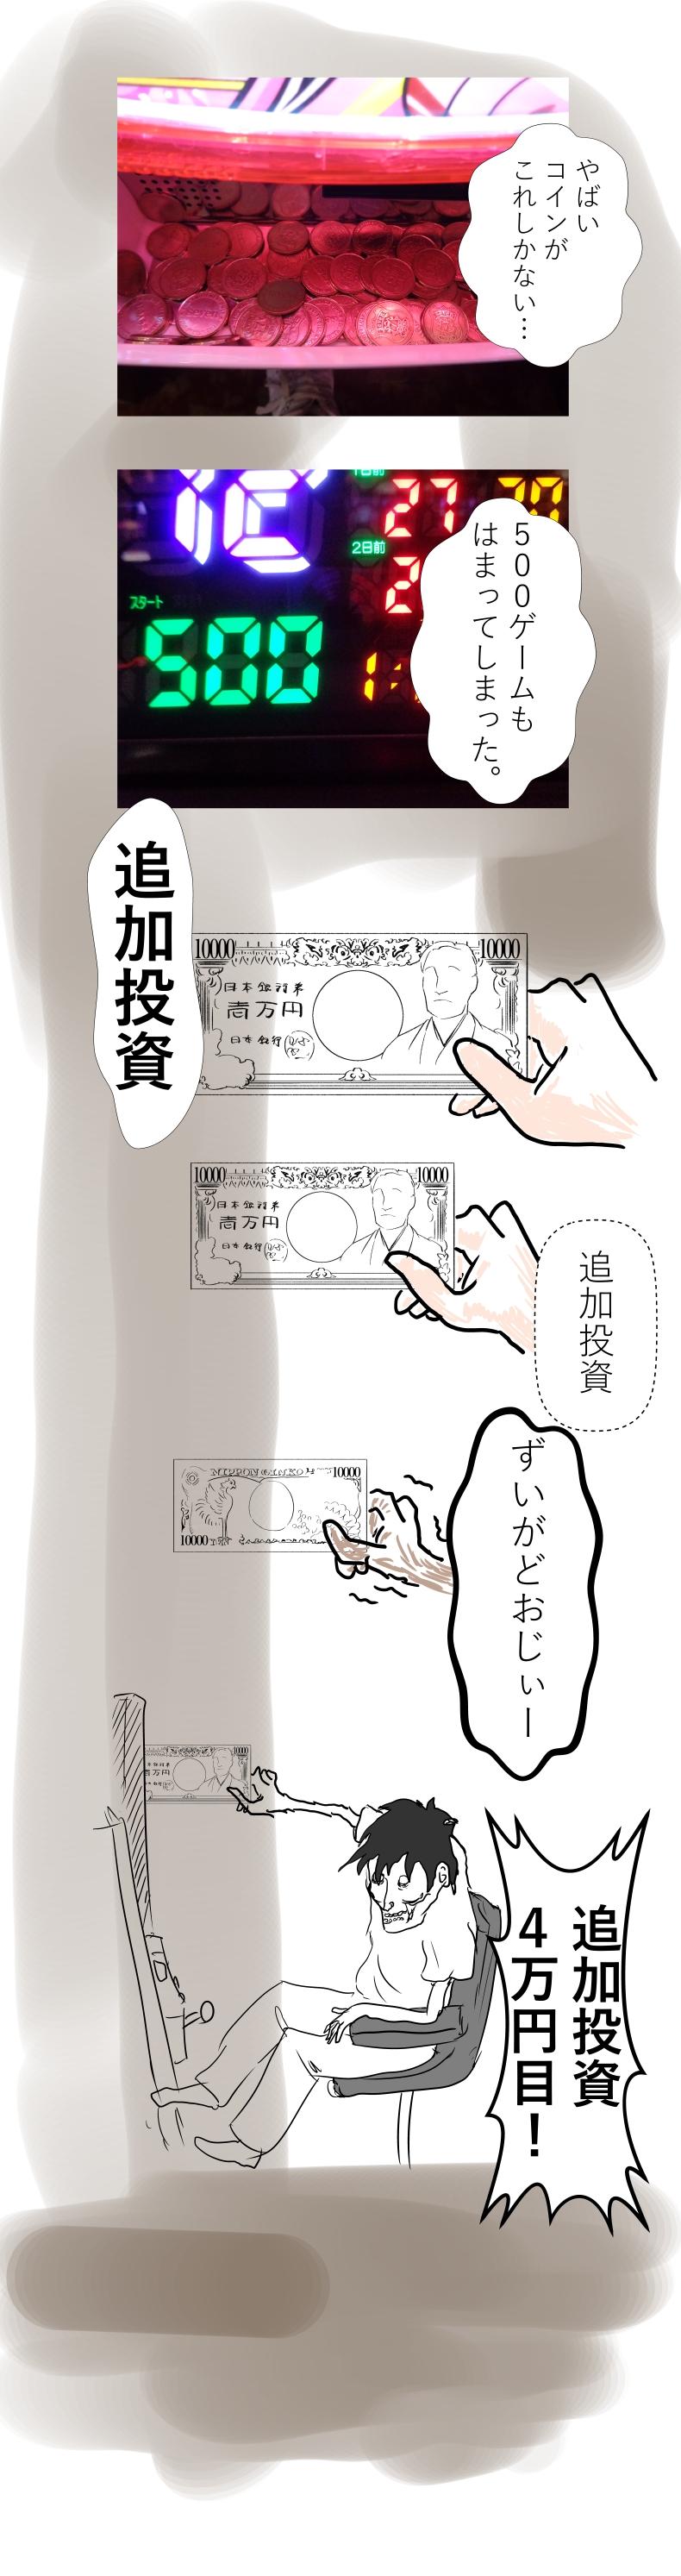 WEBパチスロ漫画 8ページ